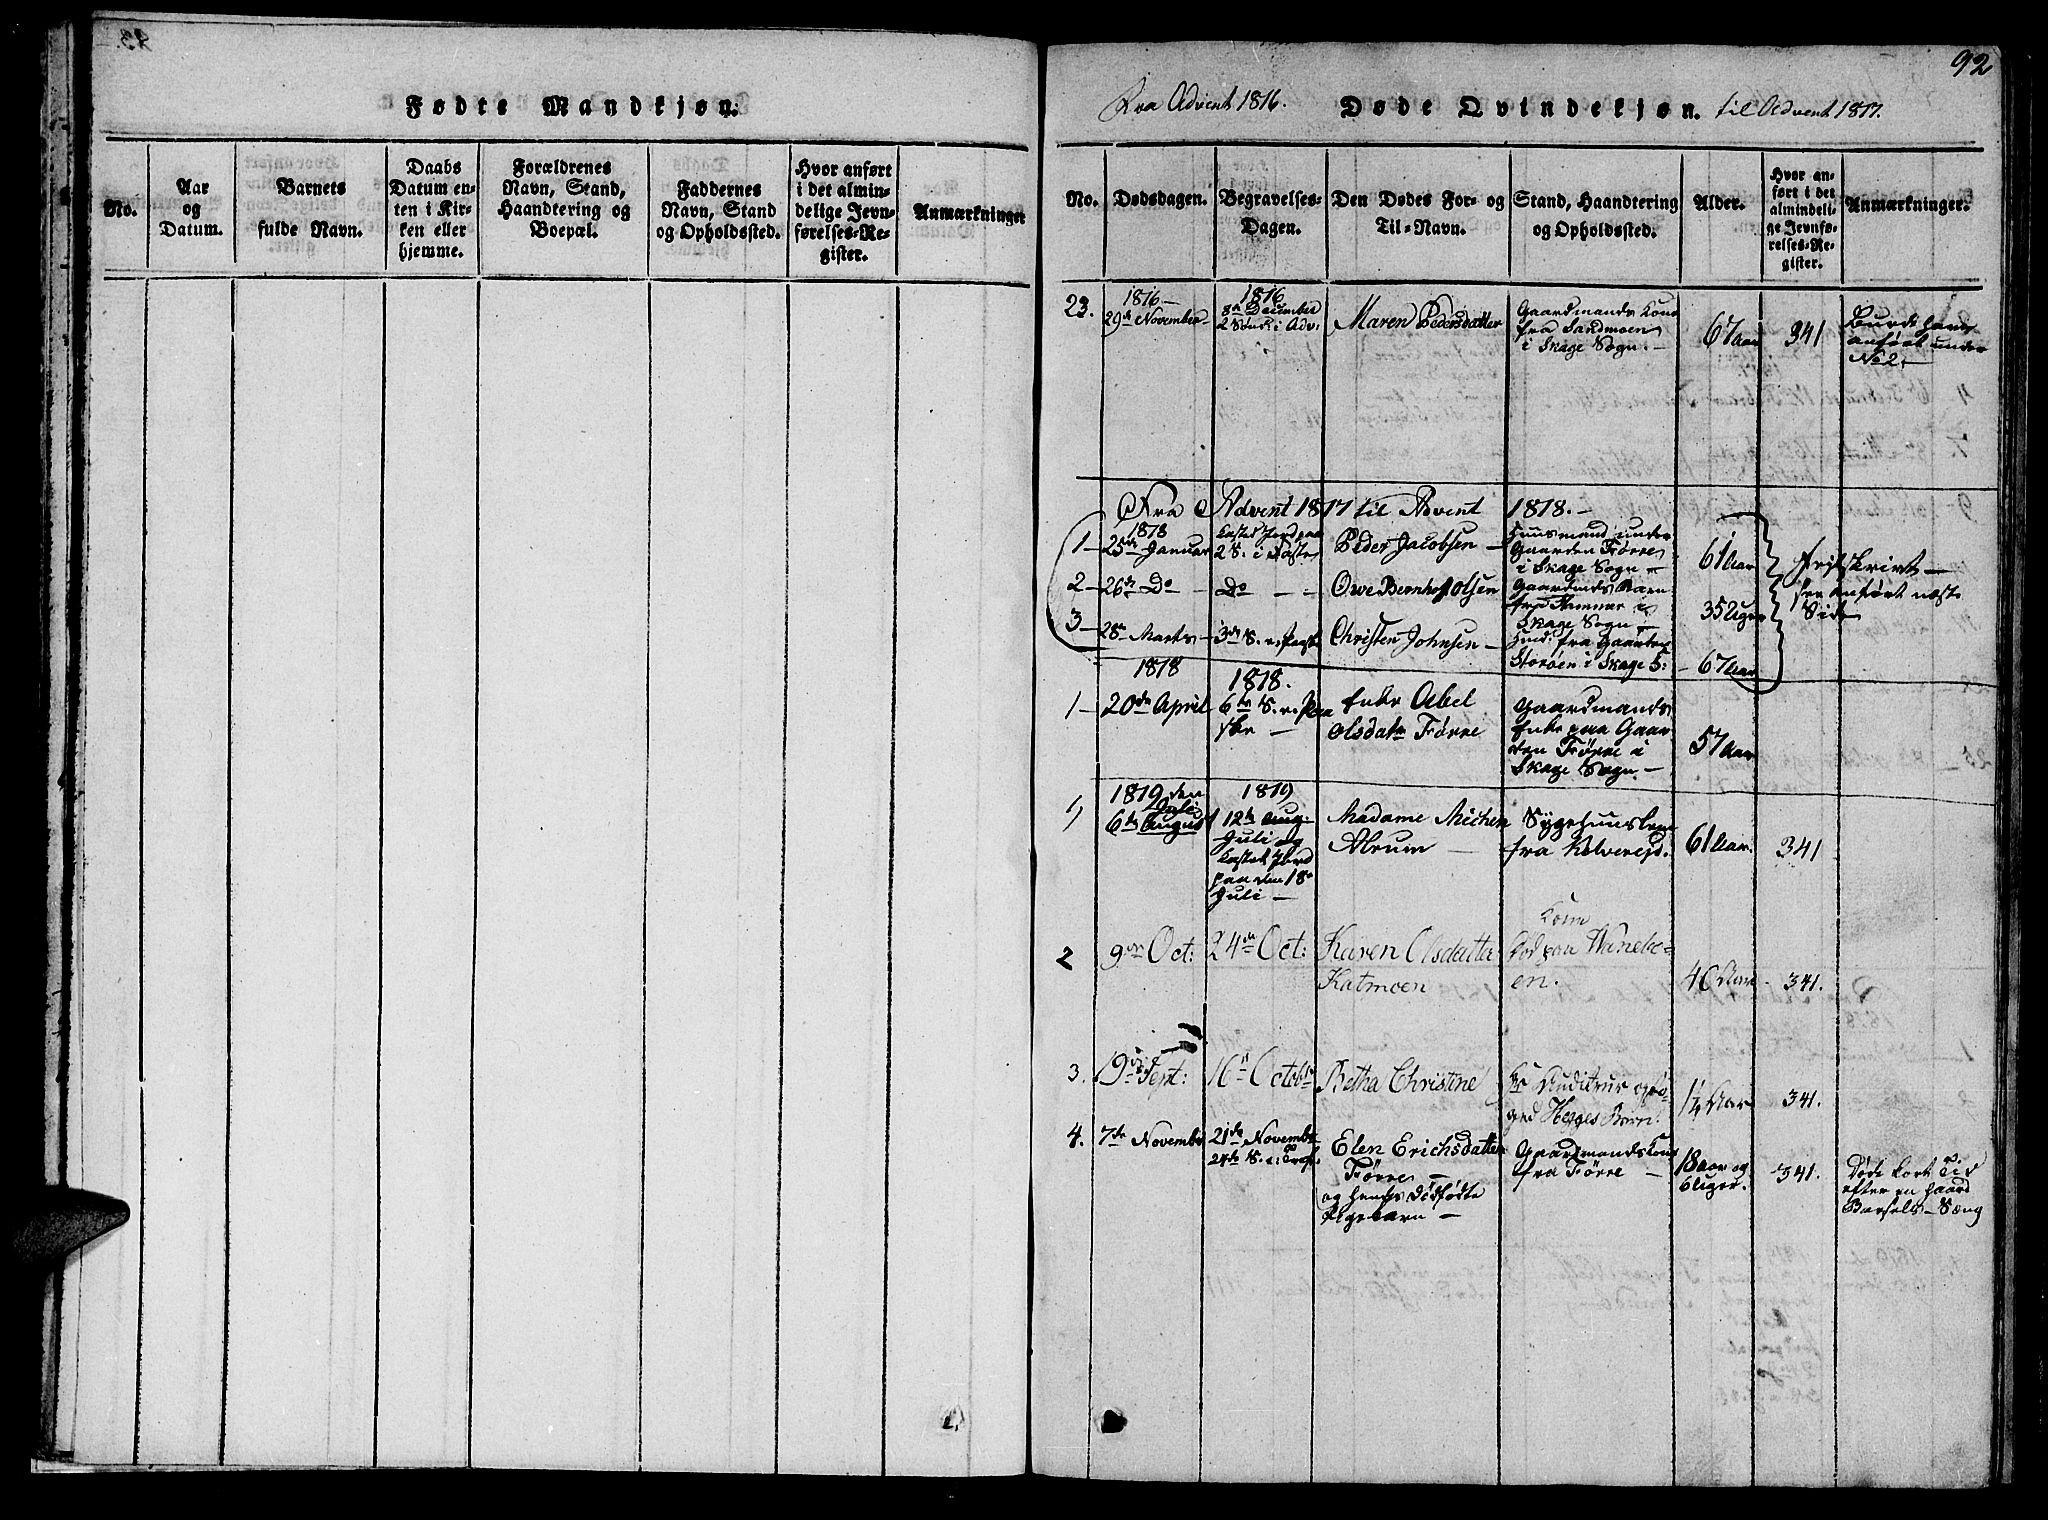 SAT, Ministerialprotokoller, klokkerbøker og fødselsregistre - Nord-Trøndelag, 766/L0565: Klokkerbok nr. 767C01, 1817-1823, s. 92